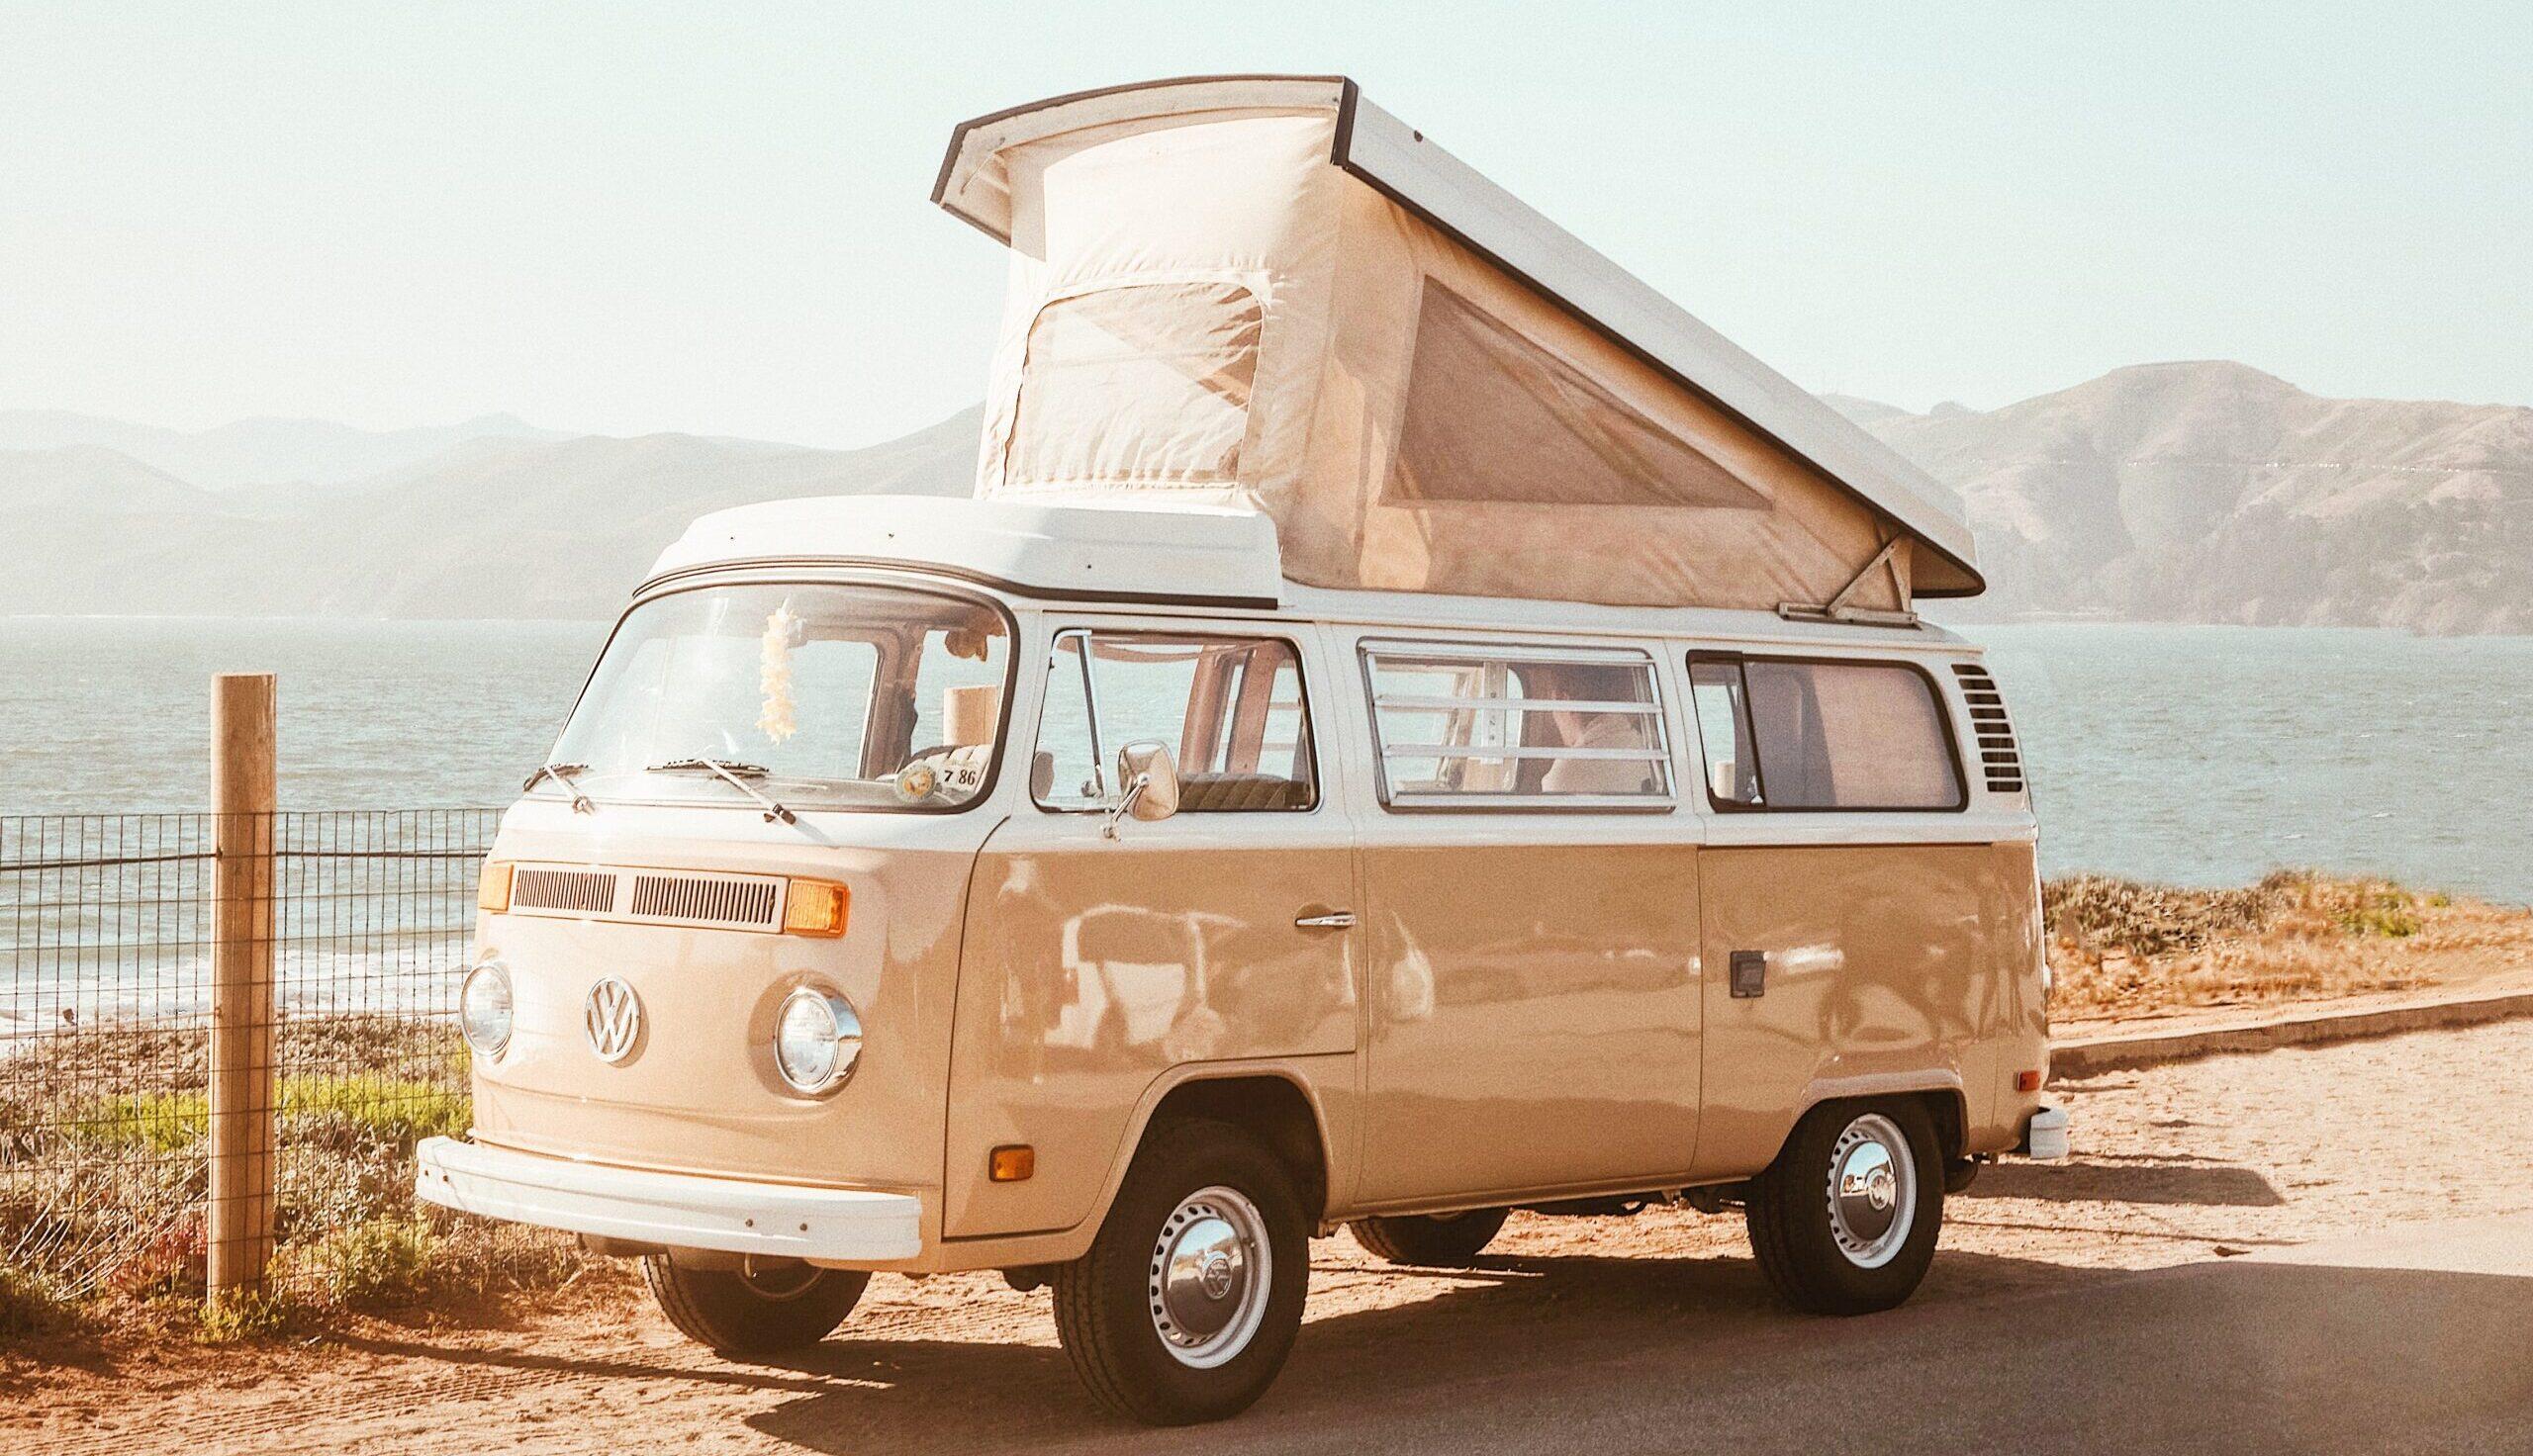 VW van © Caleb George